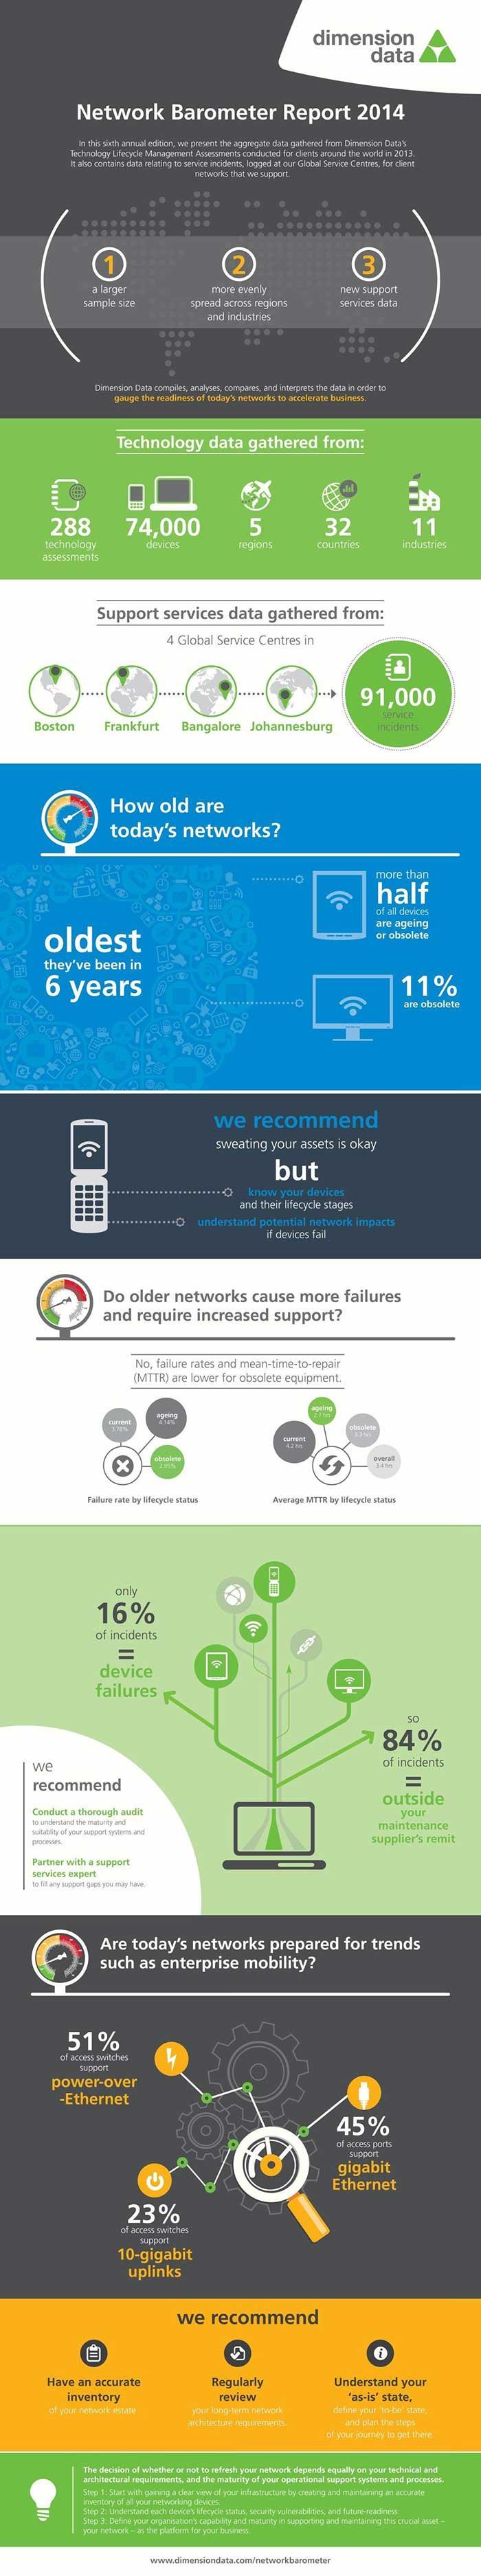 84 Prozent der IT-ServicefäŠlle fallen nicht unter SupportverträŠge / Network Barometer Report 2014 von Dimension Data zeigt: zunehmende Anzahl von Schwachstellen in Unternehmensnetzen